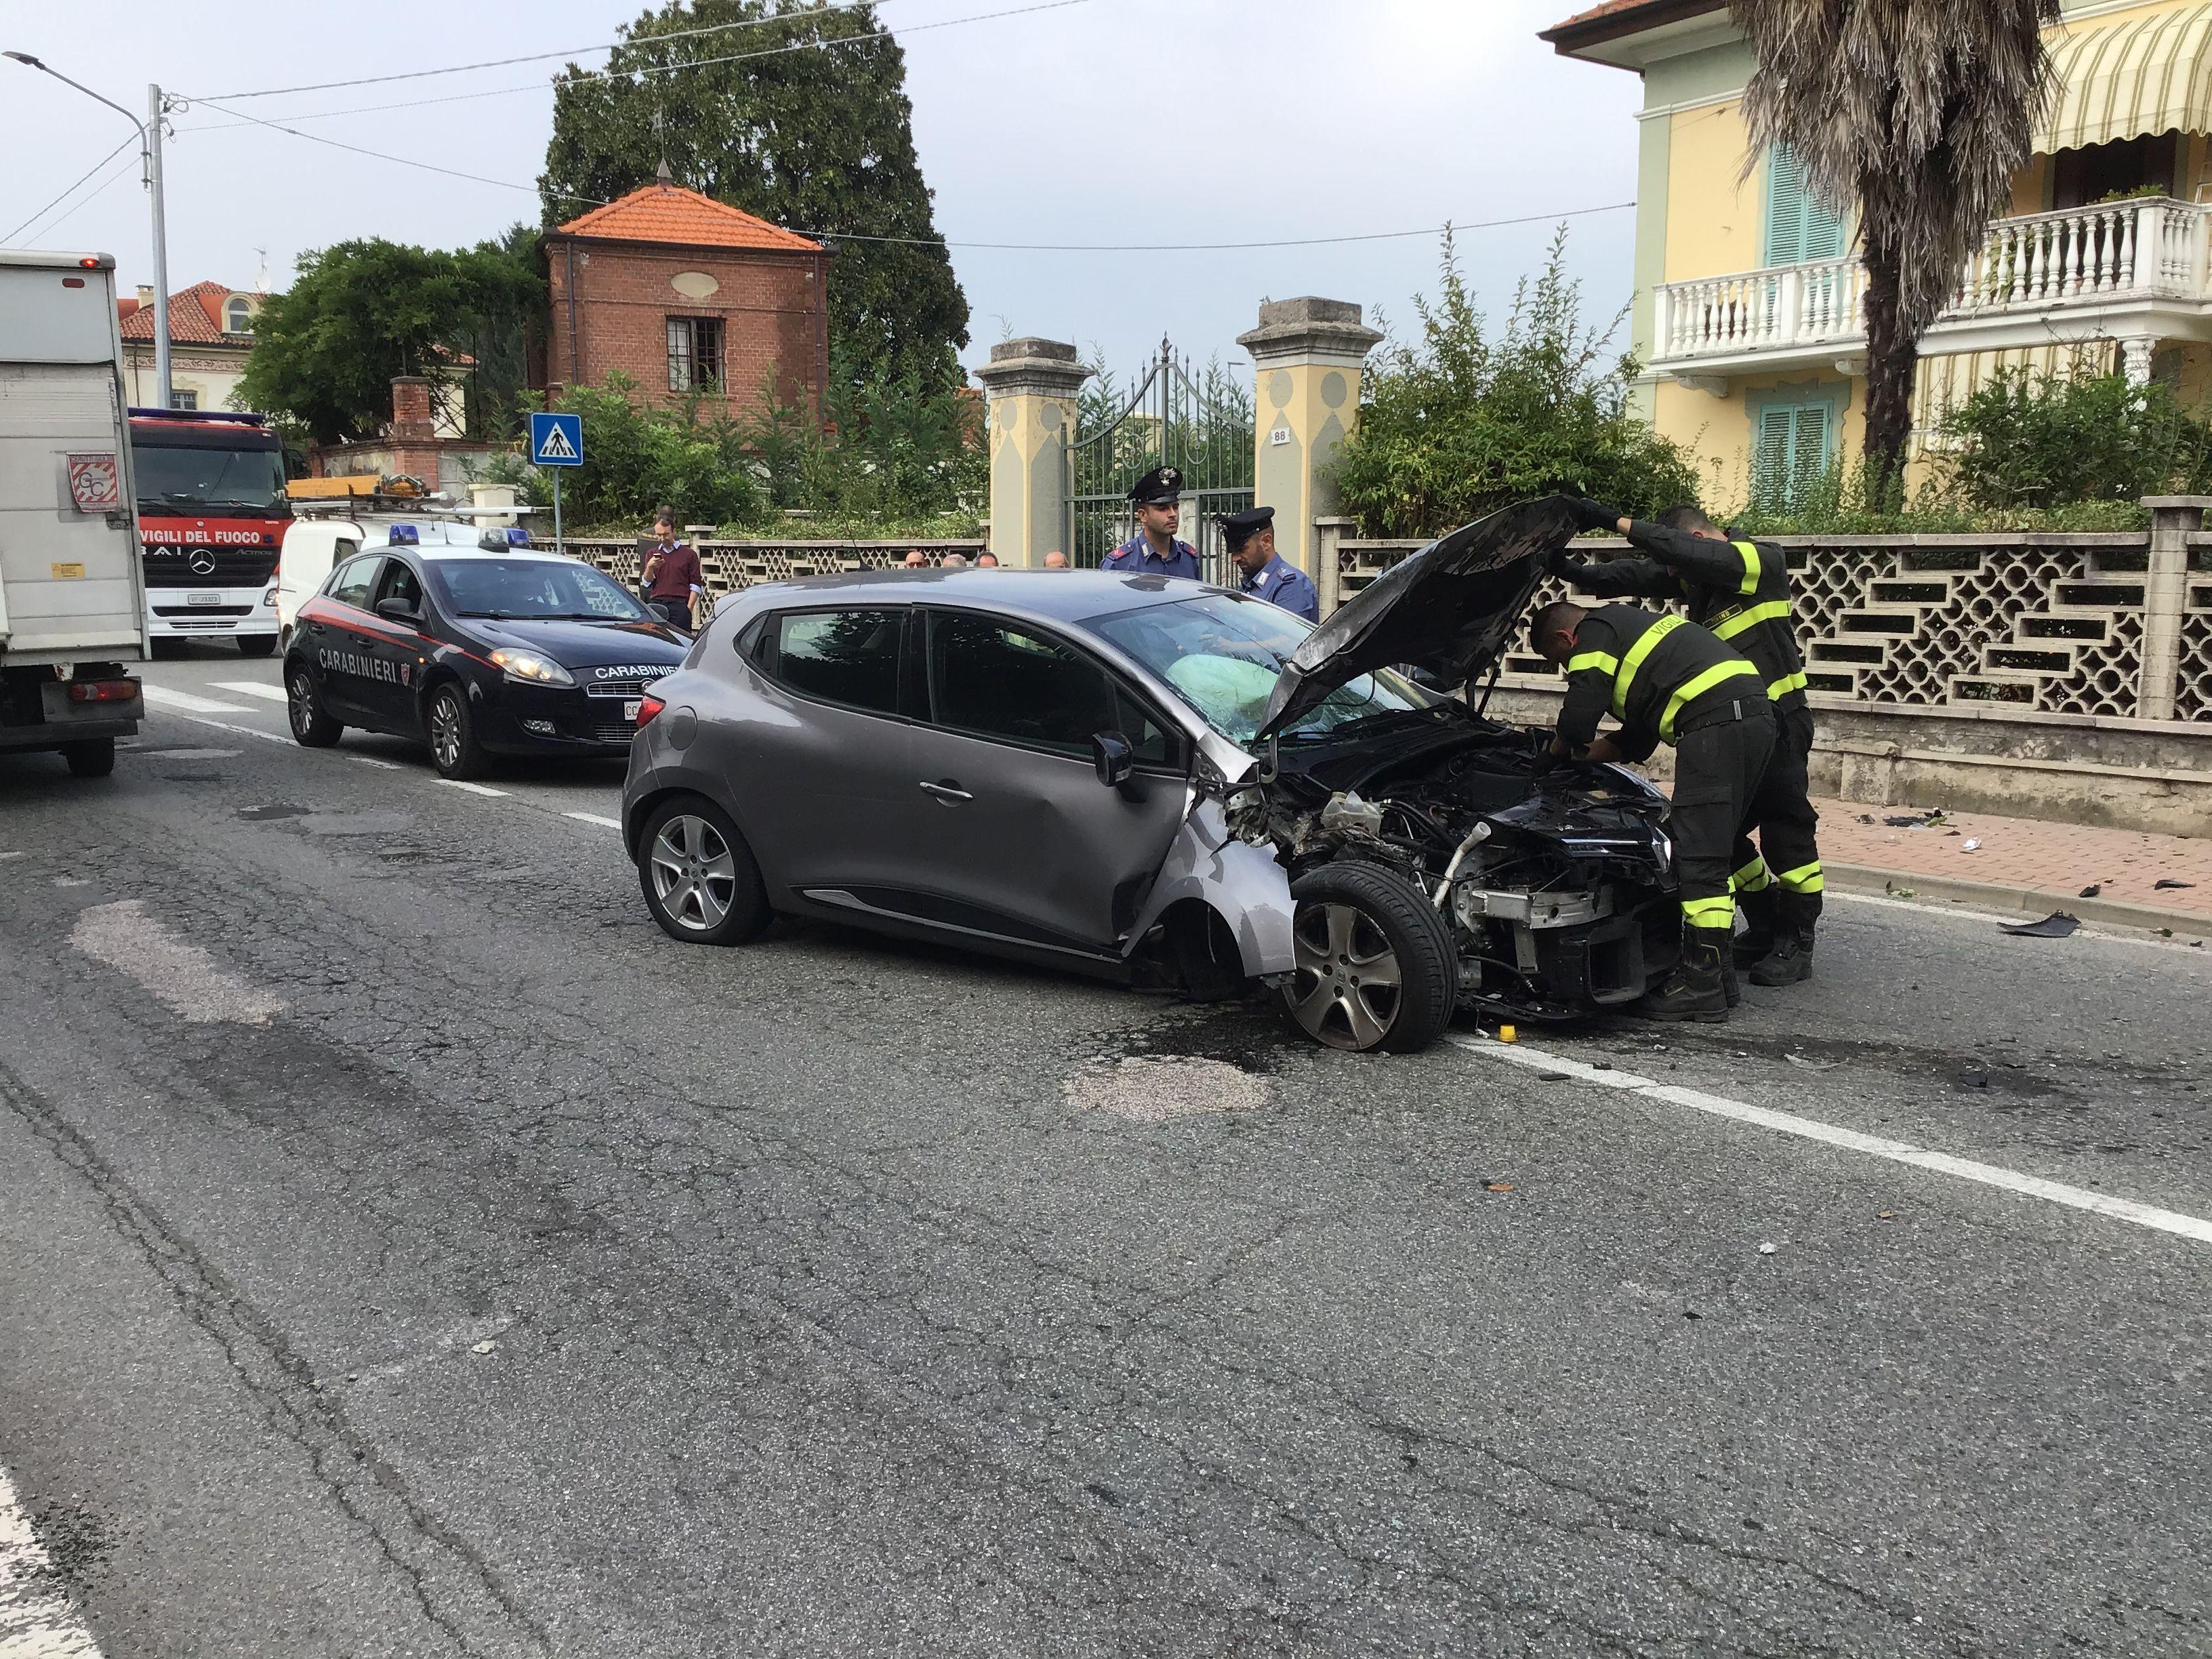 RIVAROLO CANAVESE - Incidente stradale, auto abbatte un palo della luce: un ferito - FOTO E VIDEO